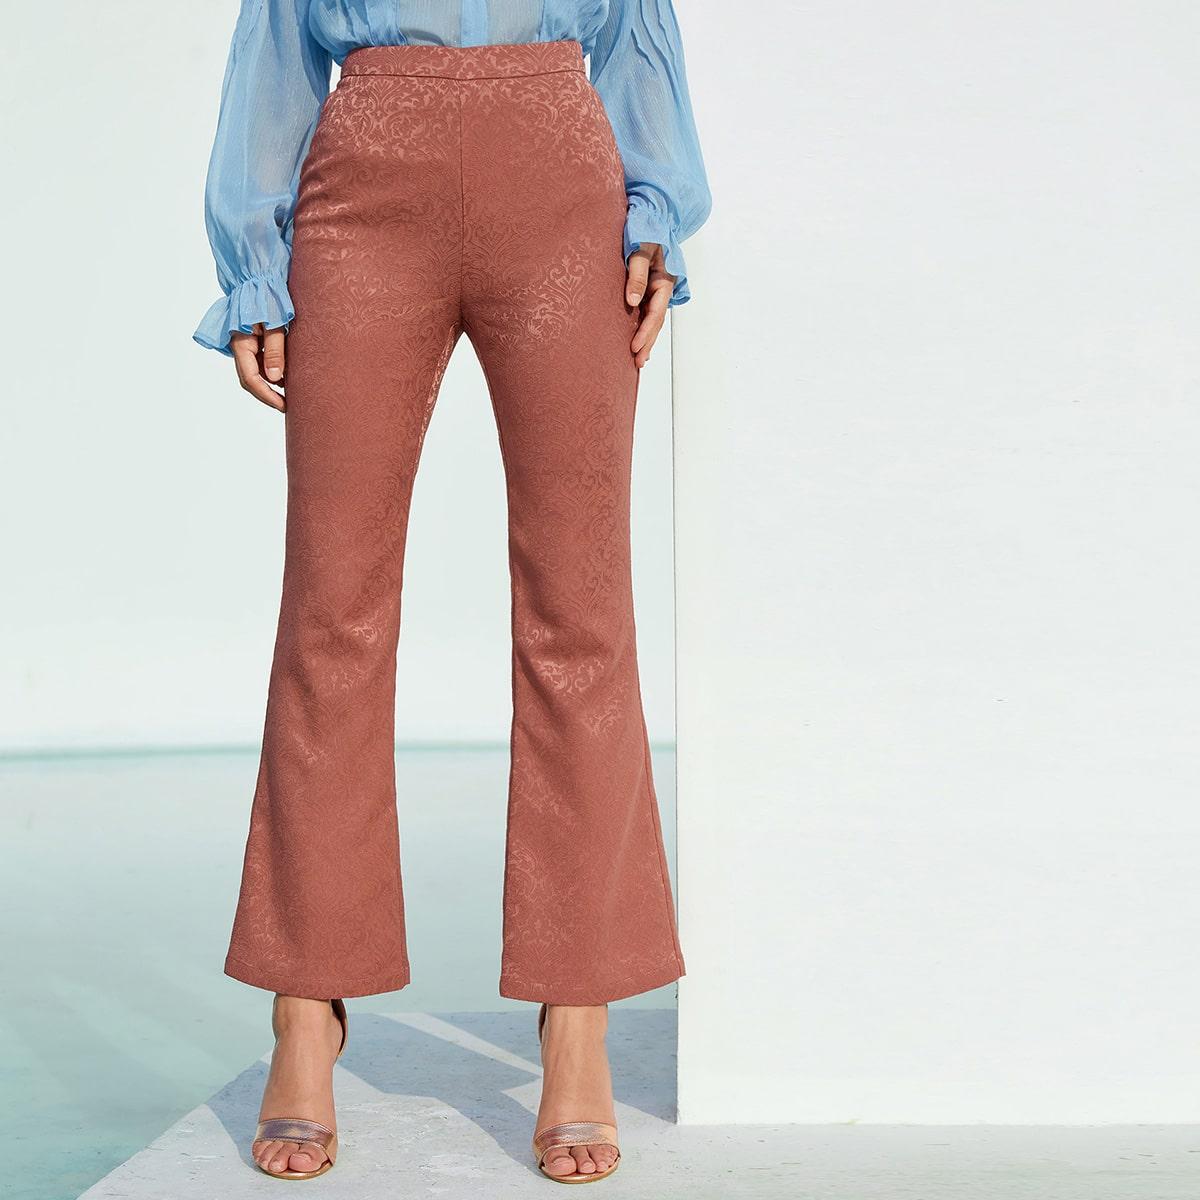 Жаккардовые брюки-клеш с молнией